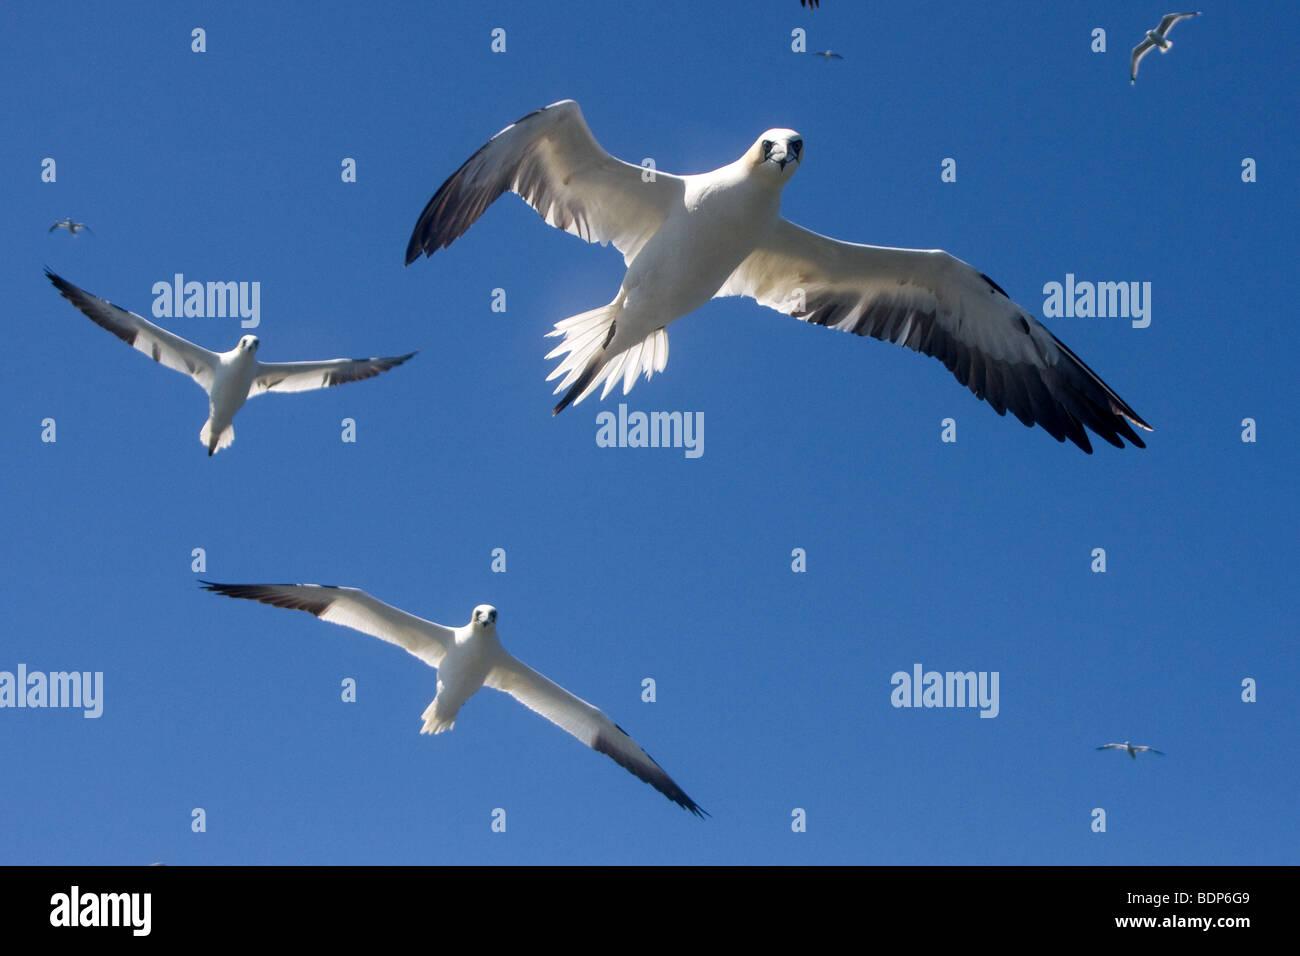 Gannets in Flight - Stock Image